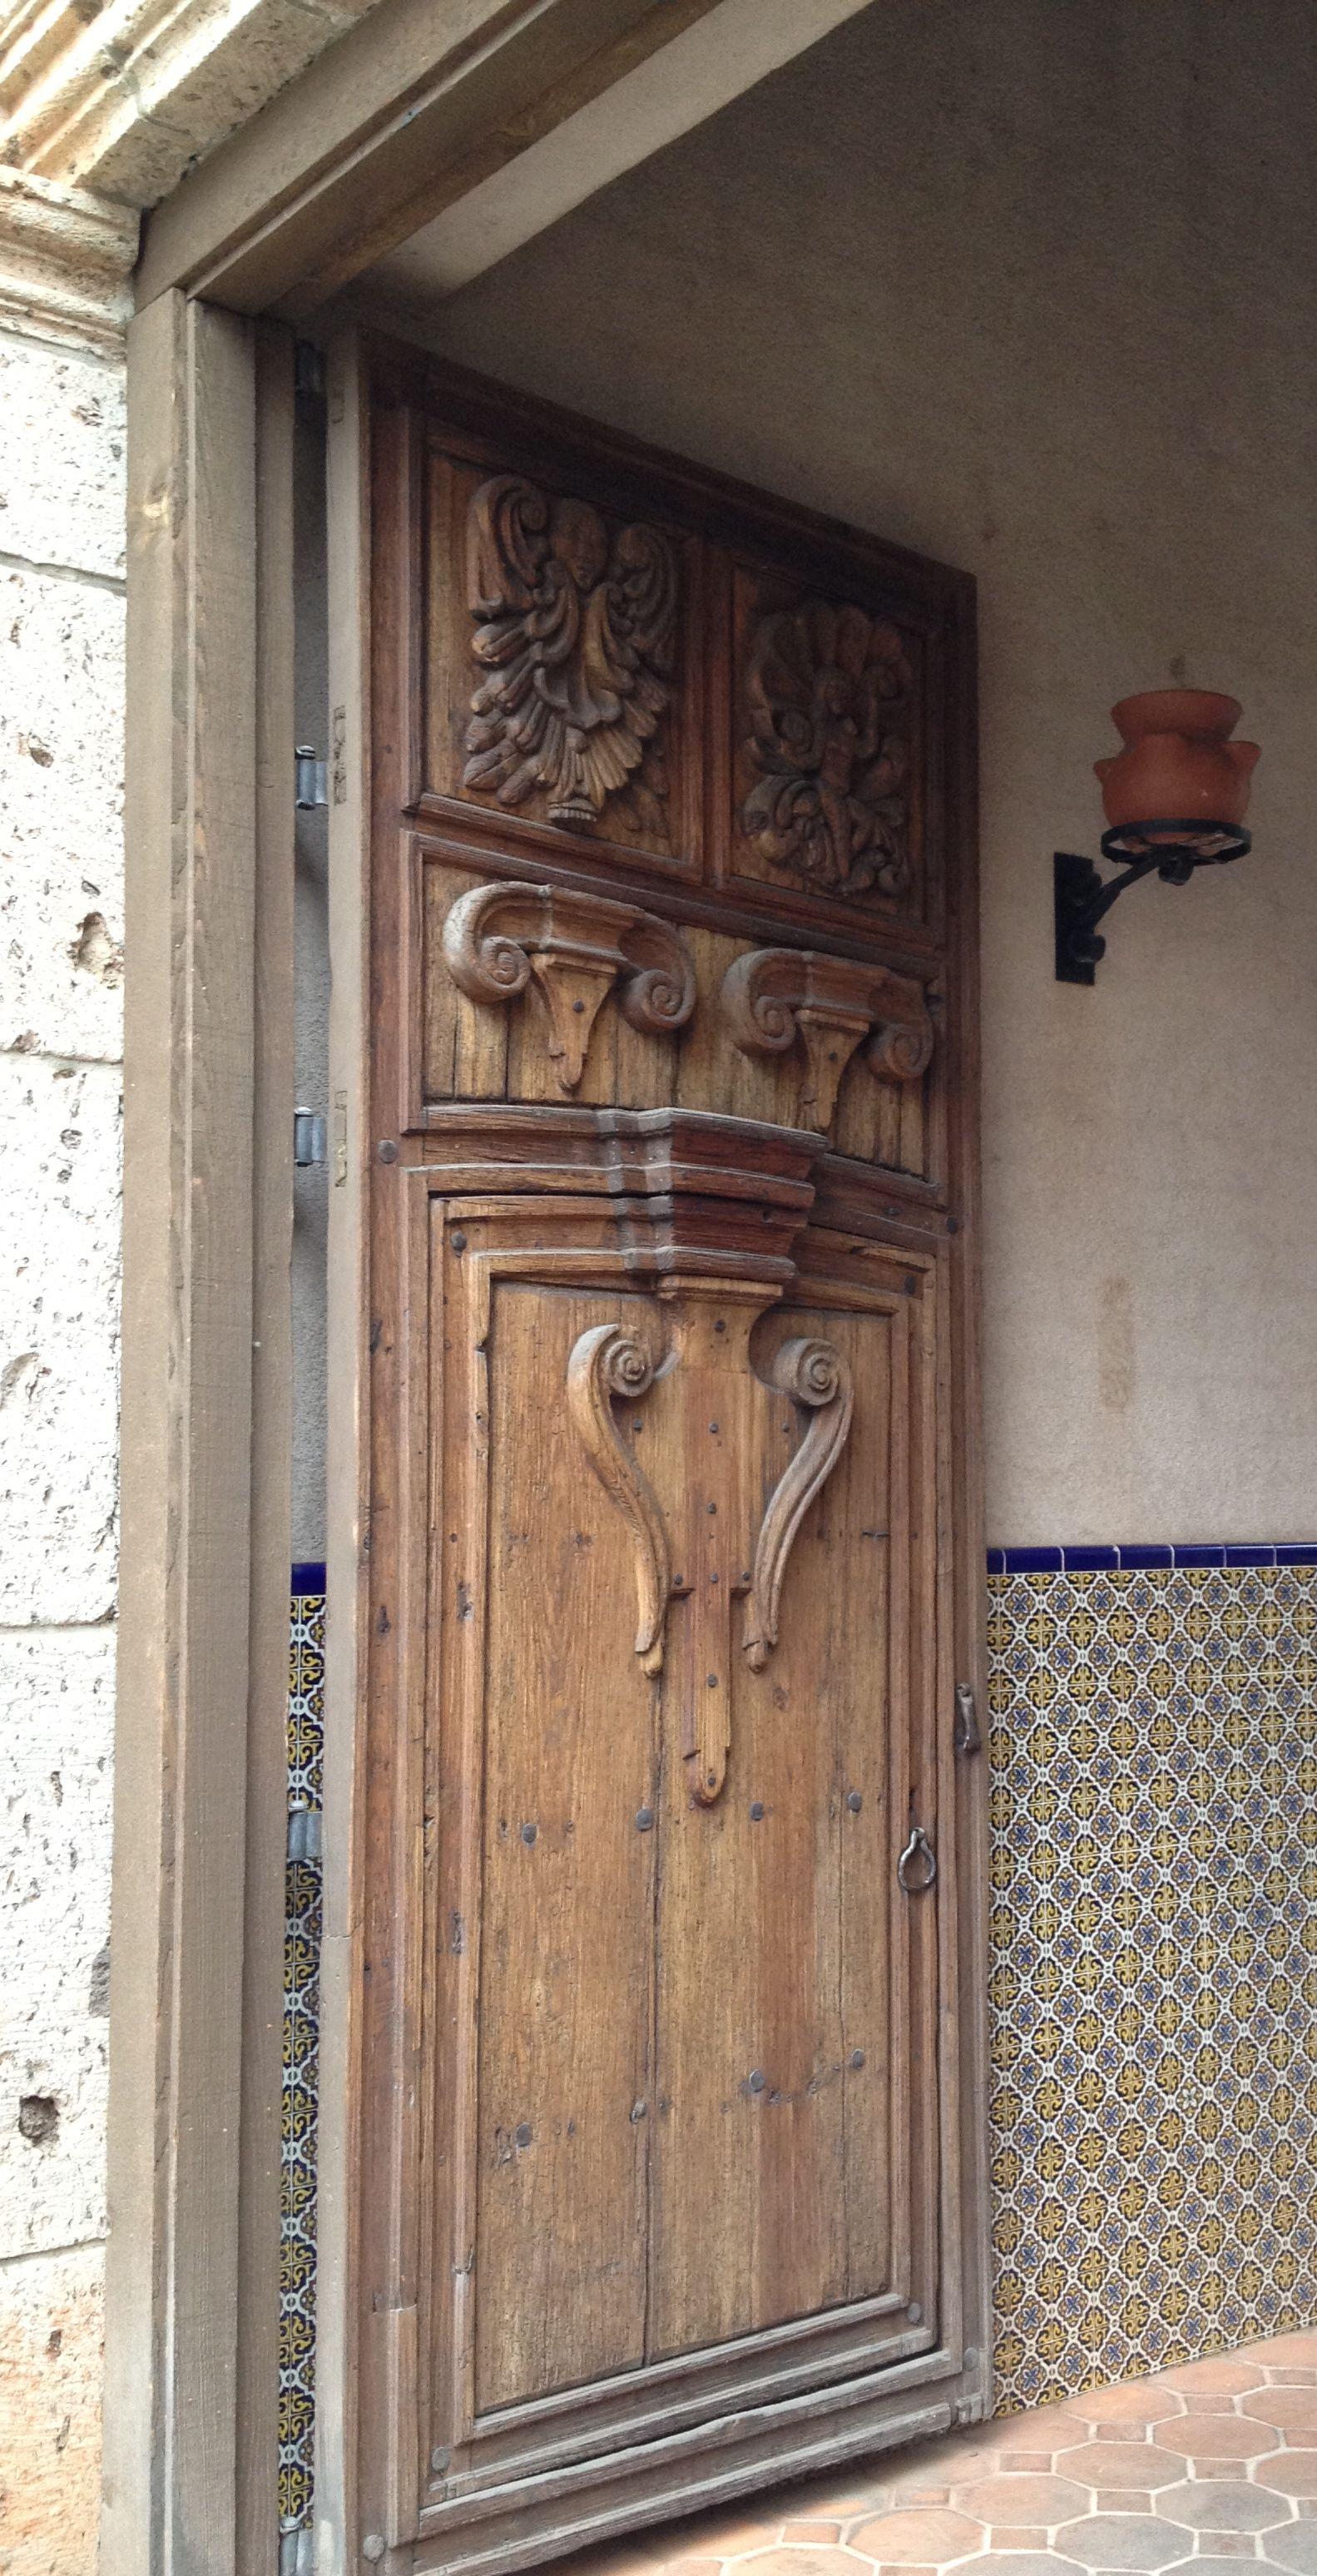 Tlaquepaque sedona az great little shops and beautiful art door